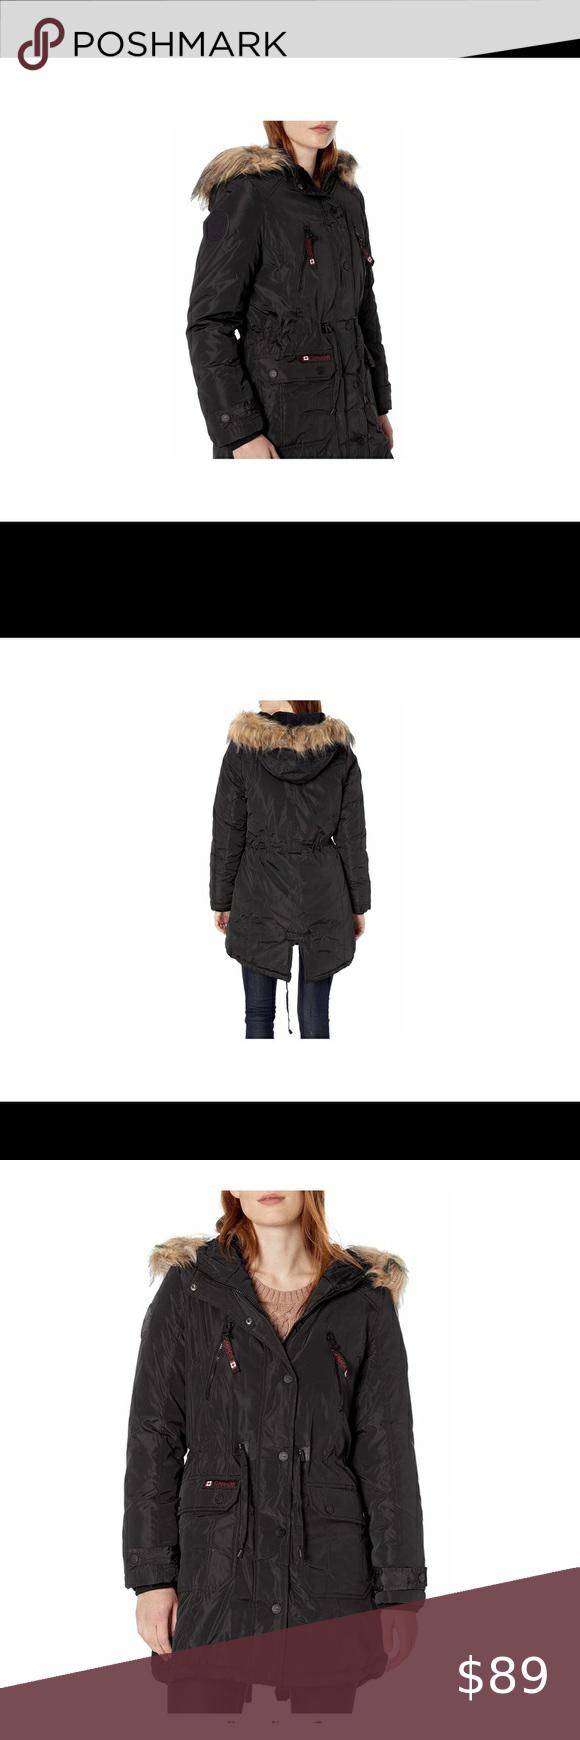 Canada Weather Gear Long Winter Jacket Coat M Long Winter Jacket Winter Coats Jackets Winter Jackets [ 1740 x 580 Pixel ]